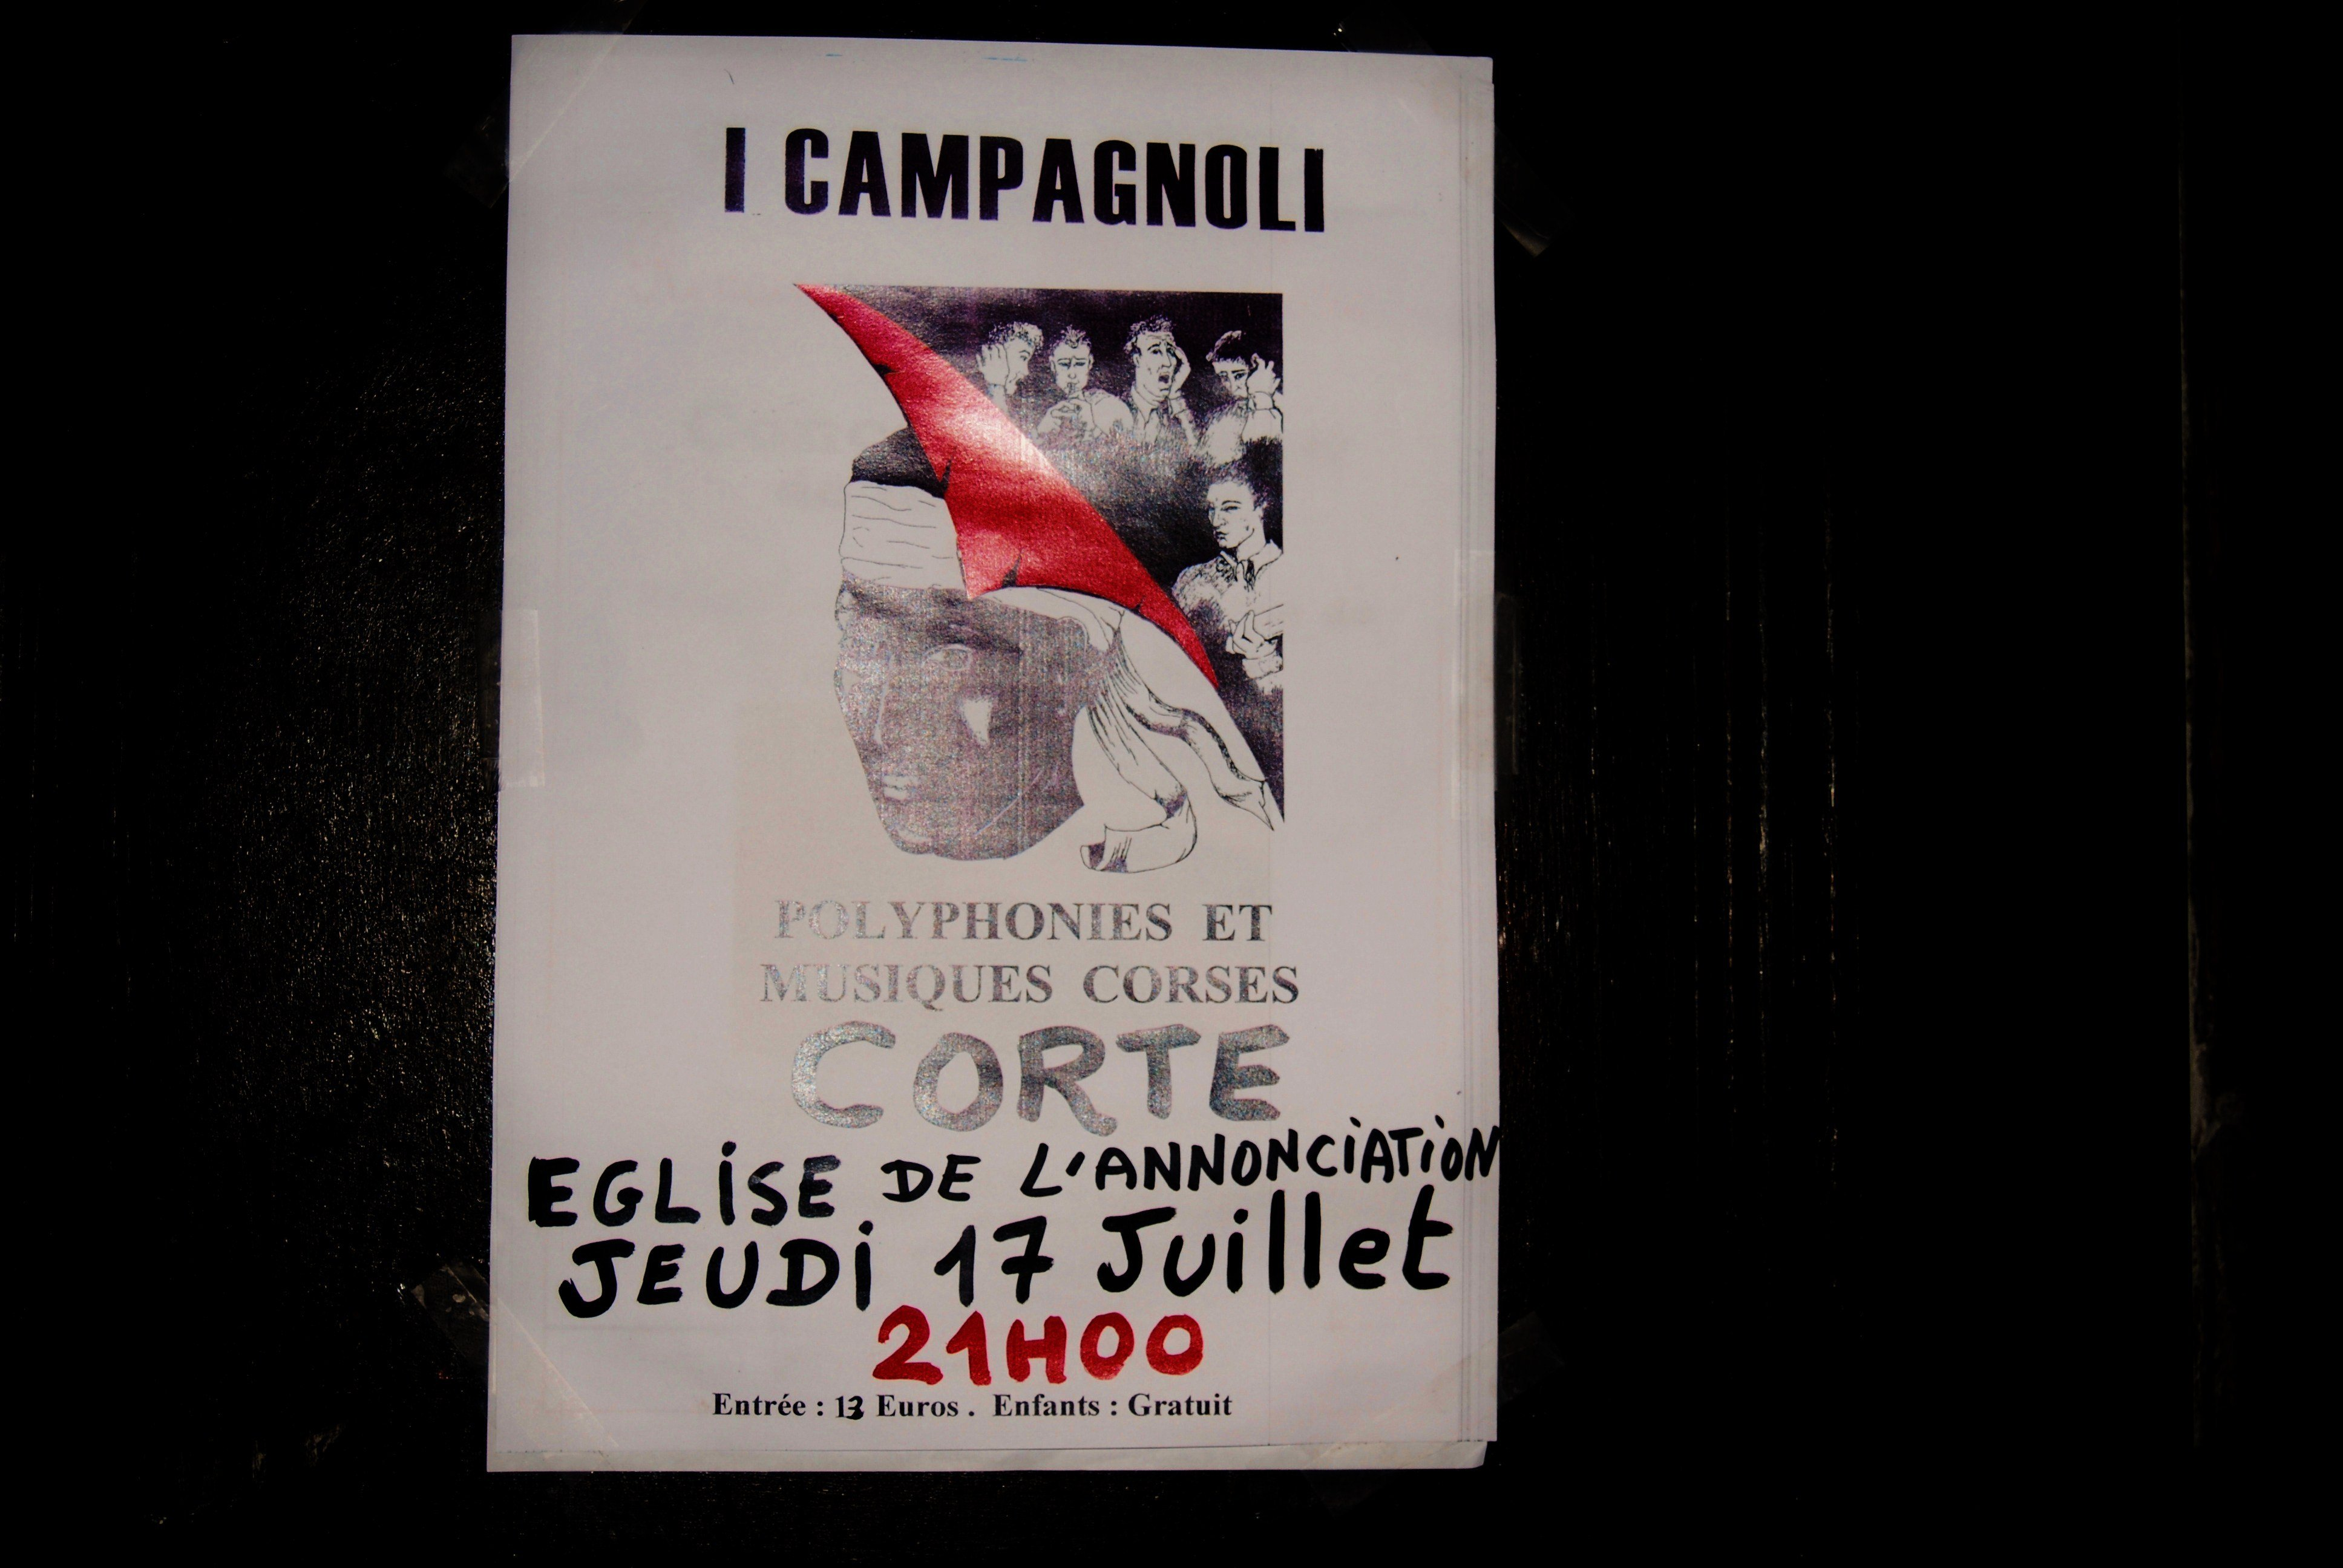 icampagnolicorte006.jpg